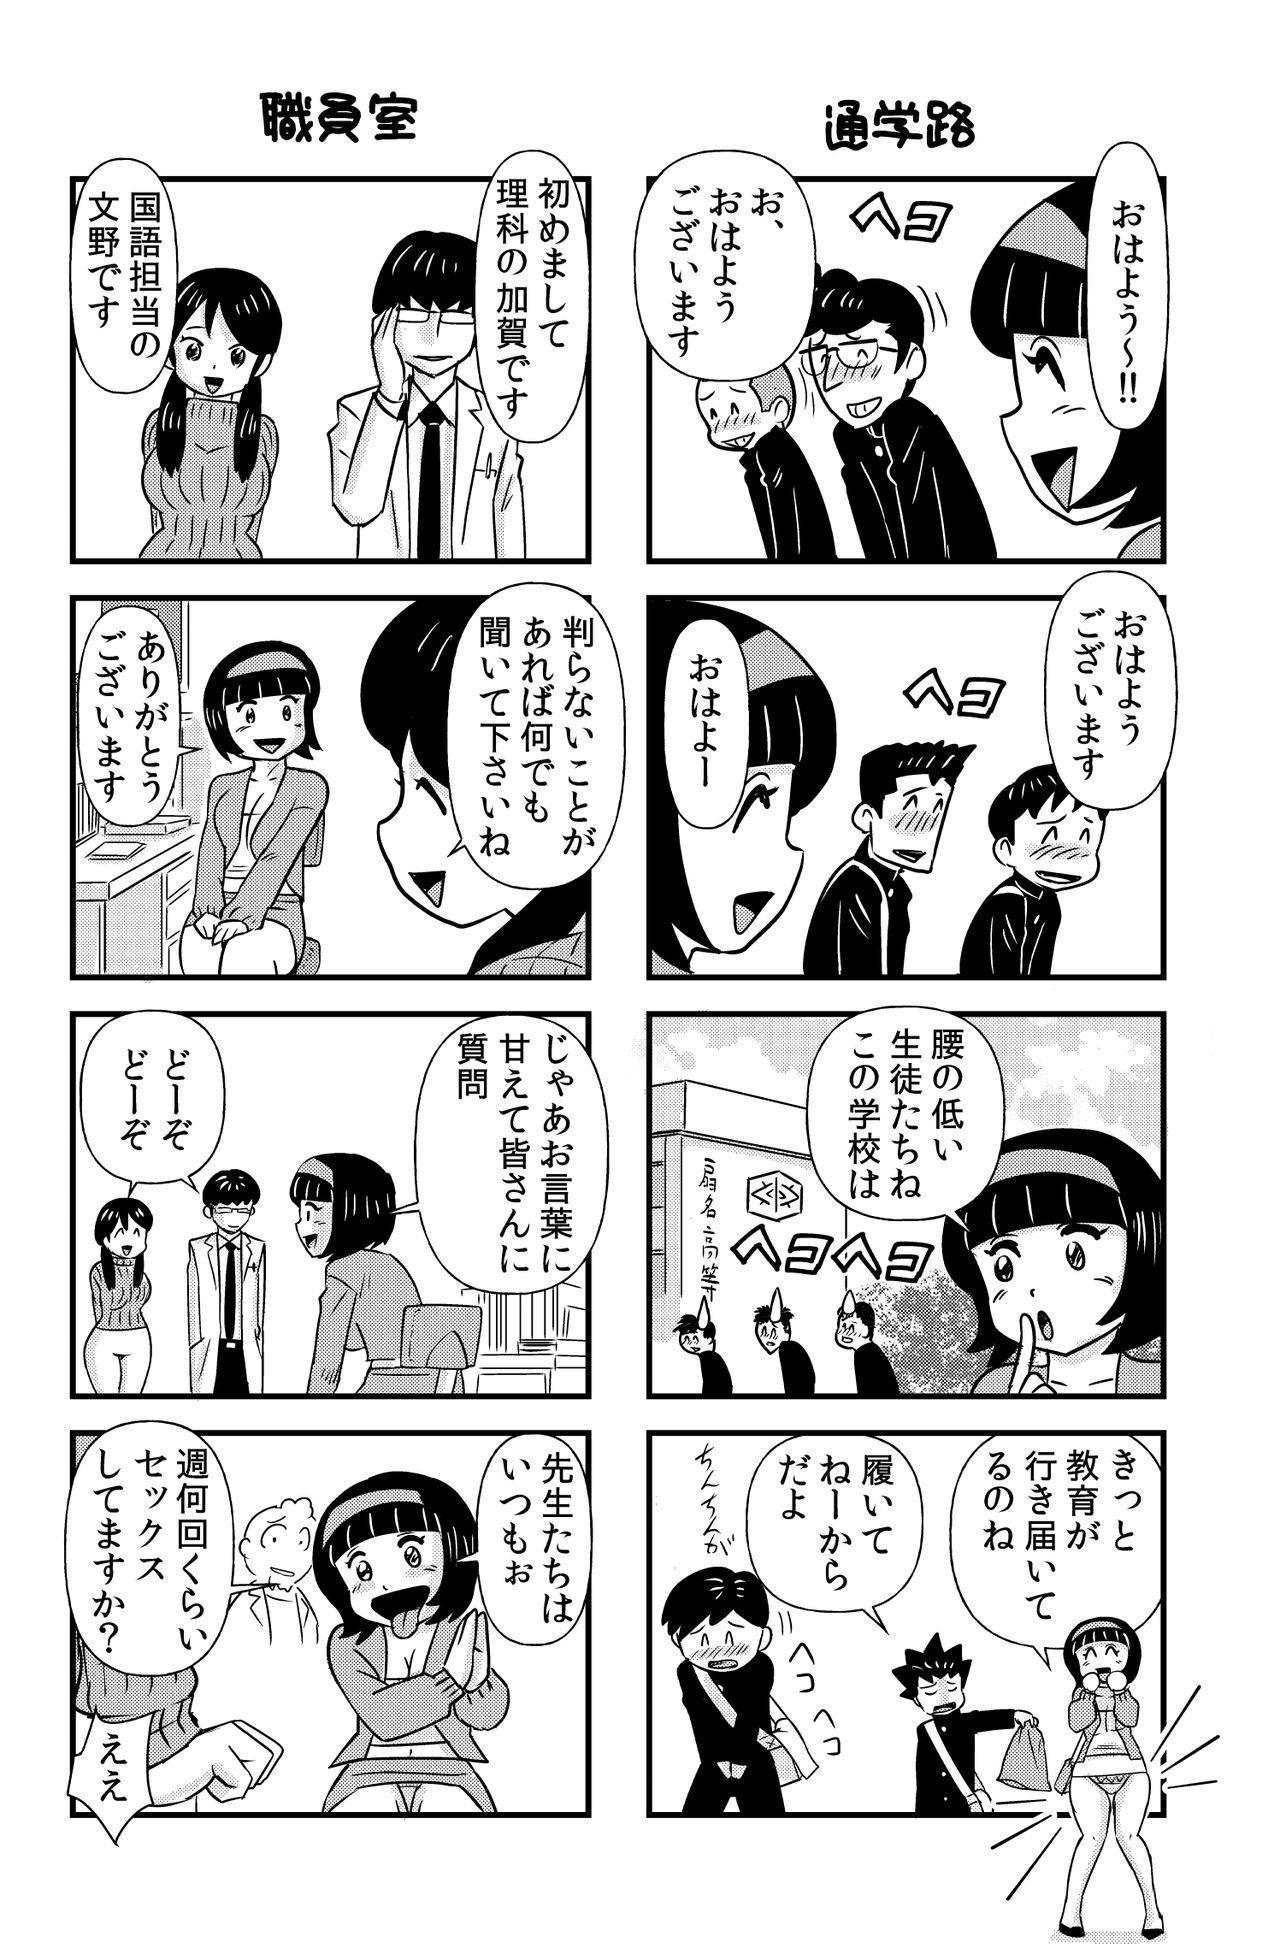 おっちょこチヨコ先生 1